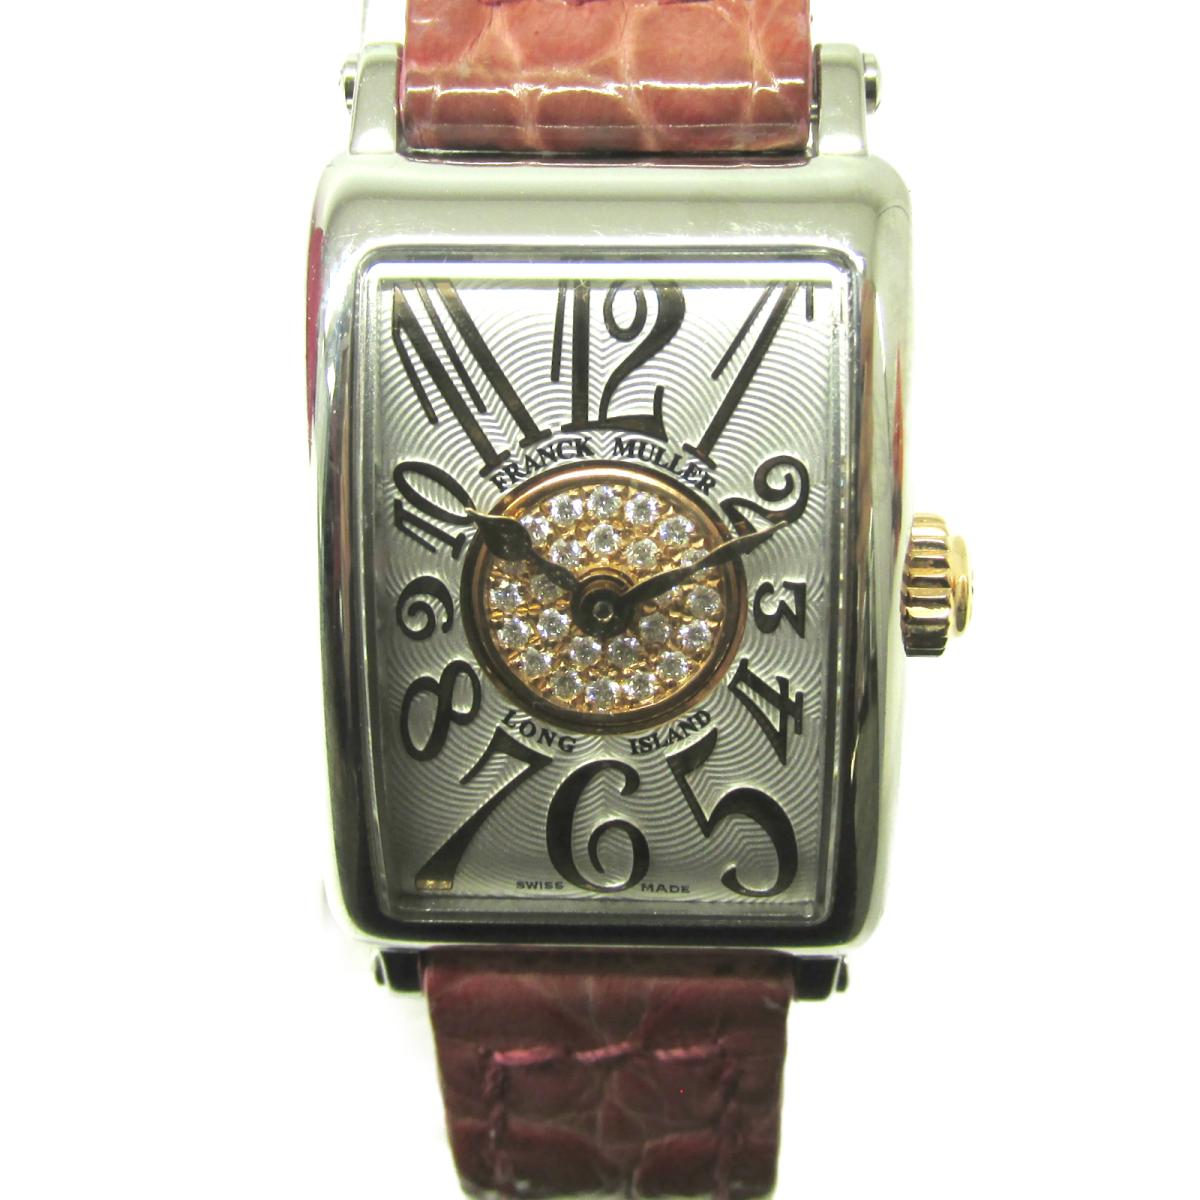 ≪期間限定≫メルマガ登録でクーポンGET! 【中古】 フランク・ミュラー ロングアイランド 腕時計 ウォッチ レディース ステンレススチール (SS) クロコベルト (802QZ)   FRANCK MULLER BRANDOFF ブランドオフ ブランド ブランド時計 ブランド腕時計 時計